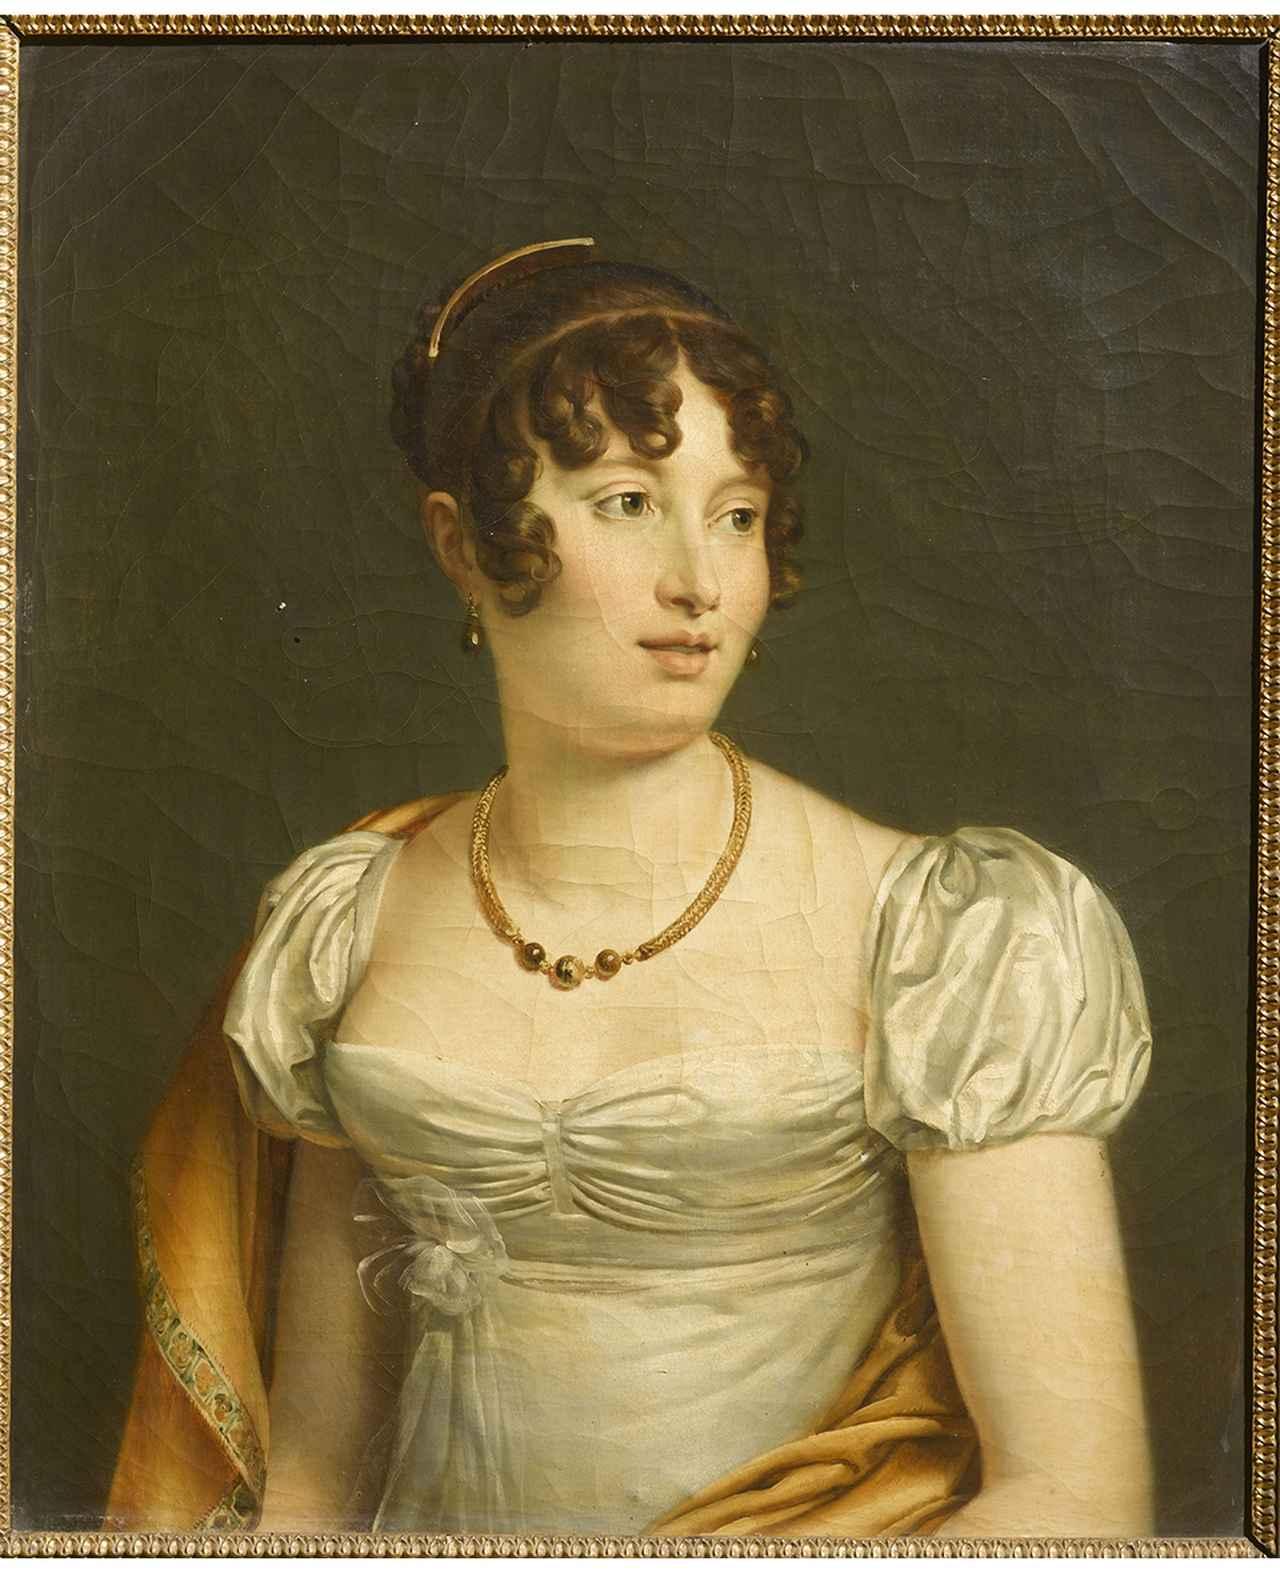 Images : ナポリ王妃 カロリーヌ・ミュラ